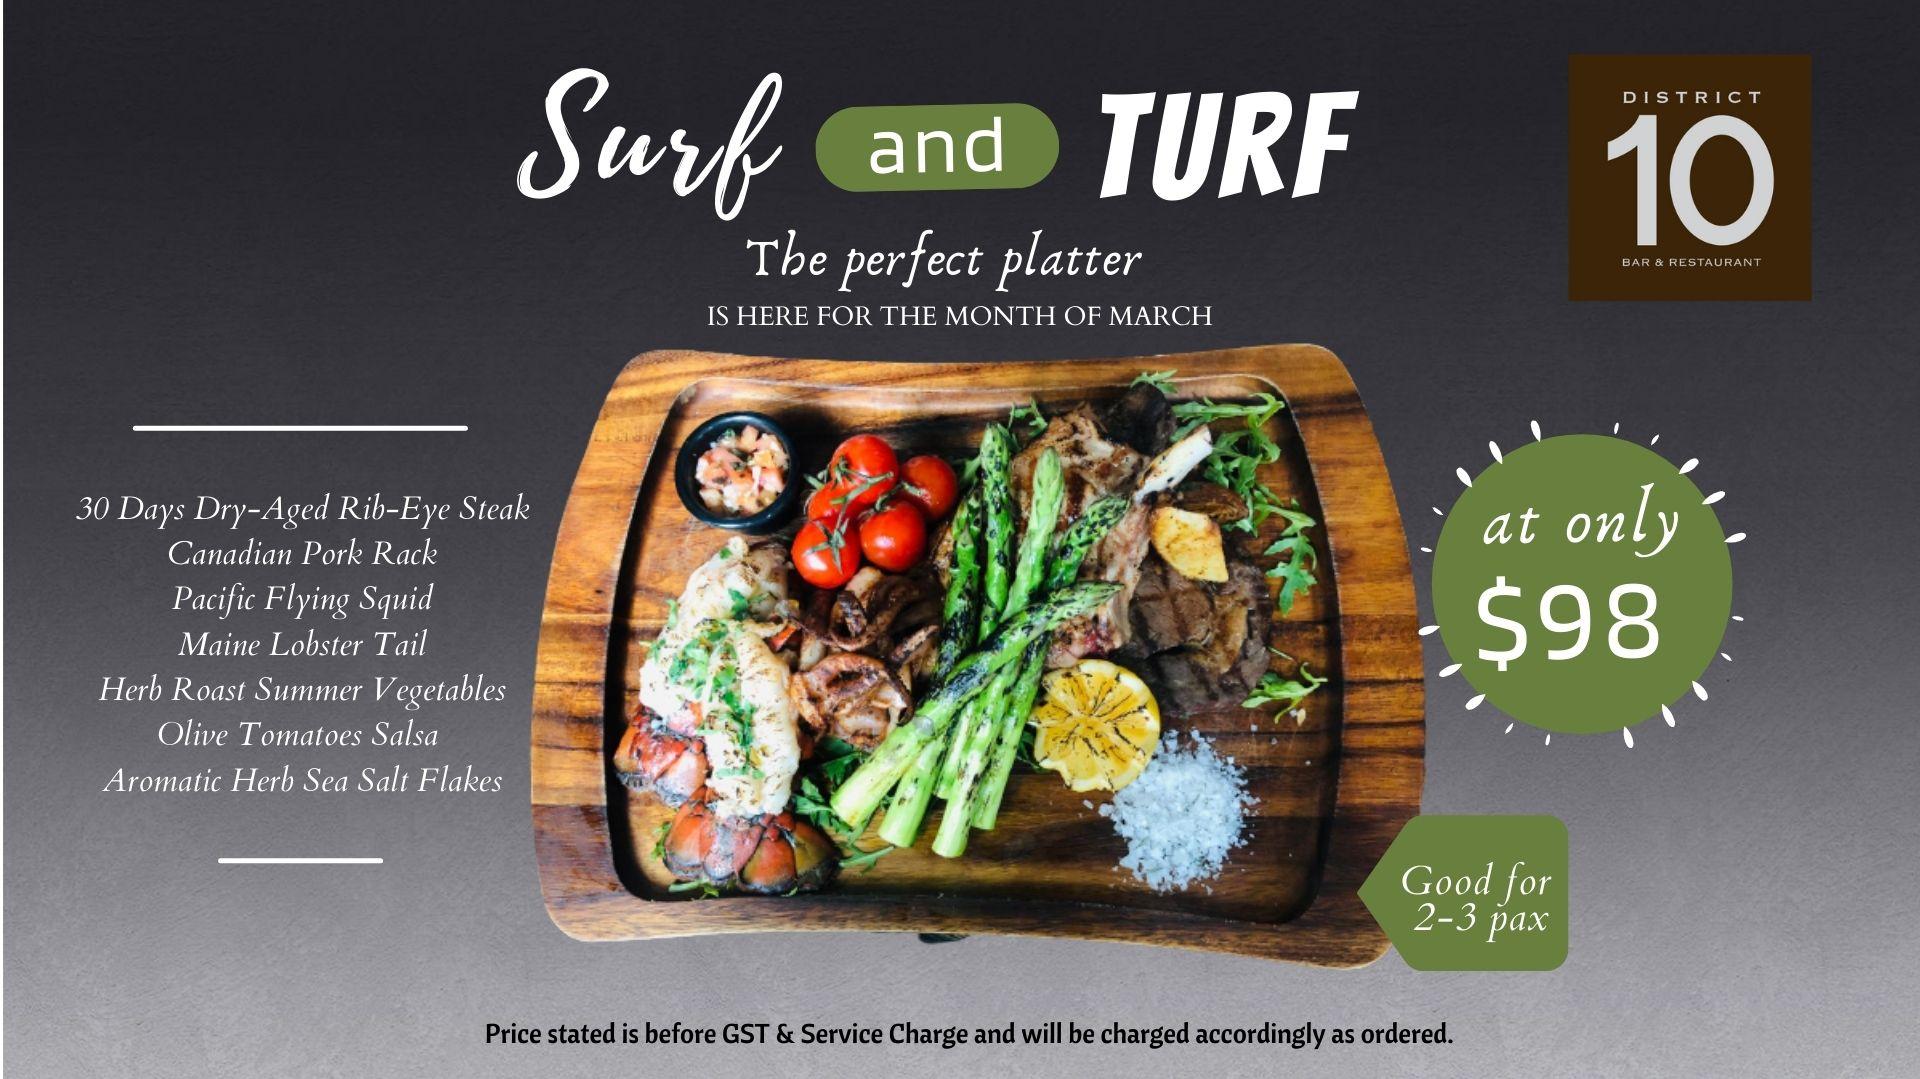 Surf & Turf TV Slide